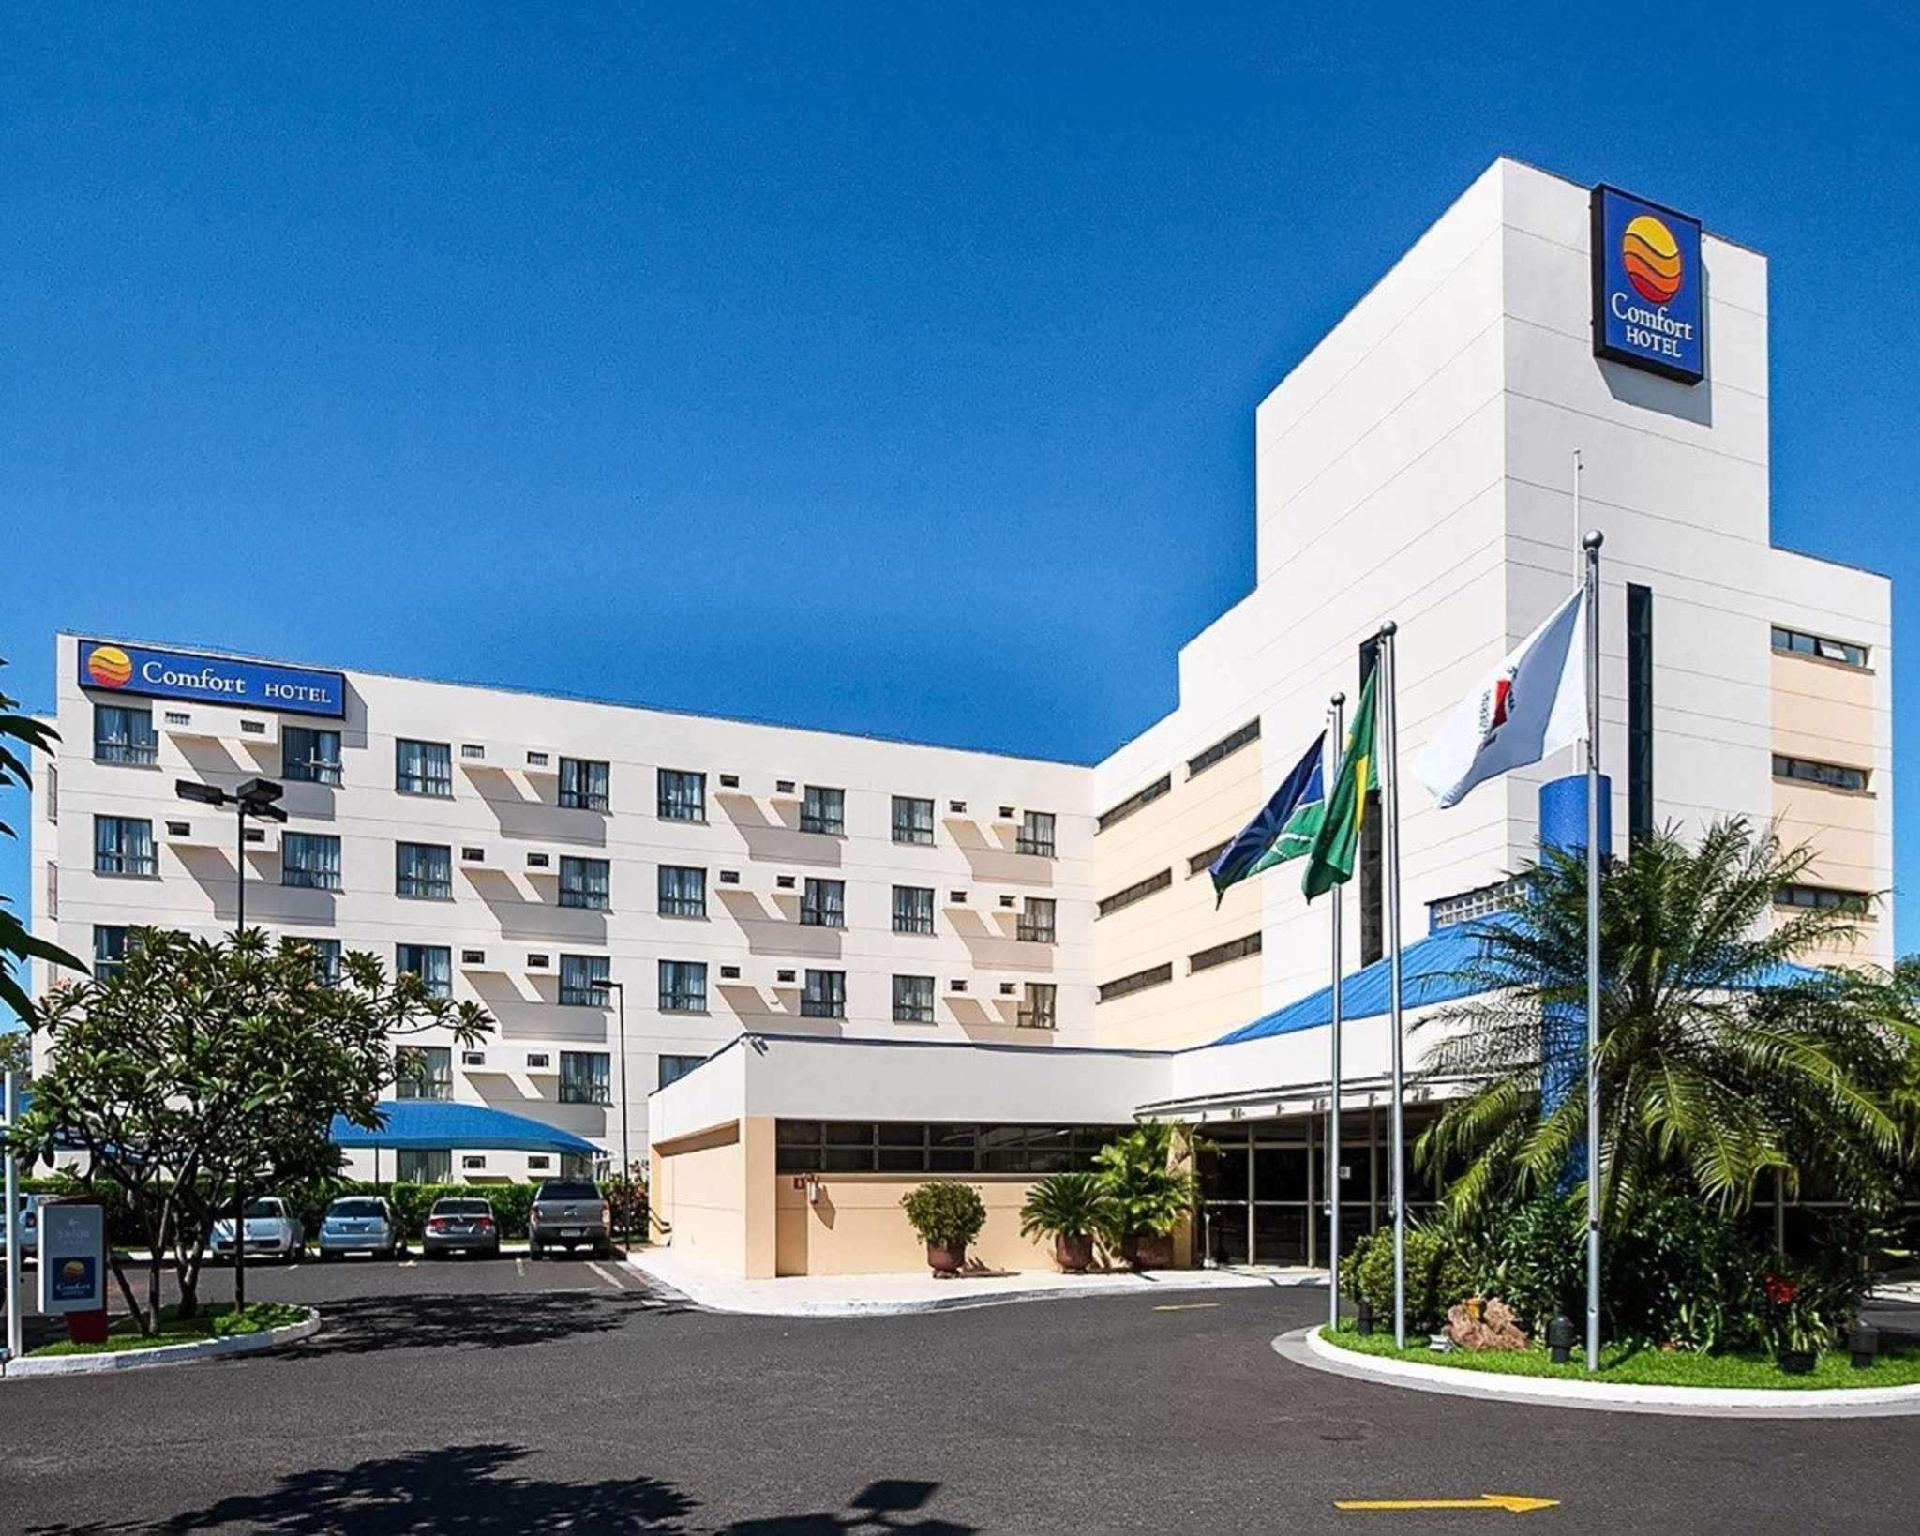 Comfort Hotel Uberlandia Uberlandia